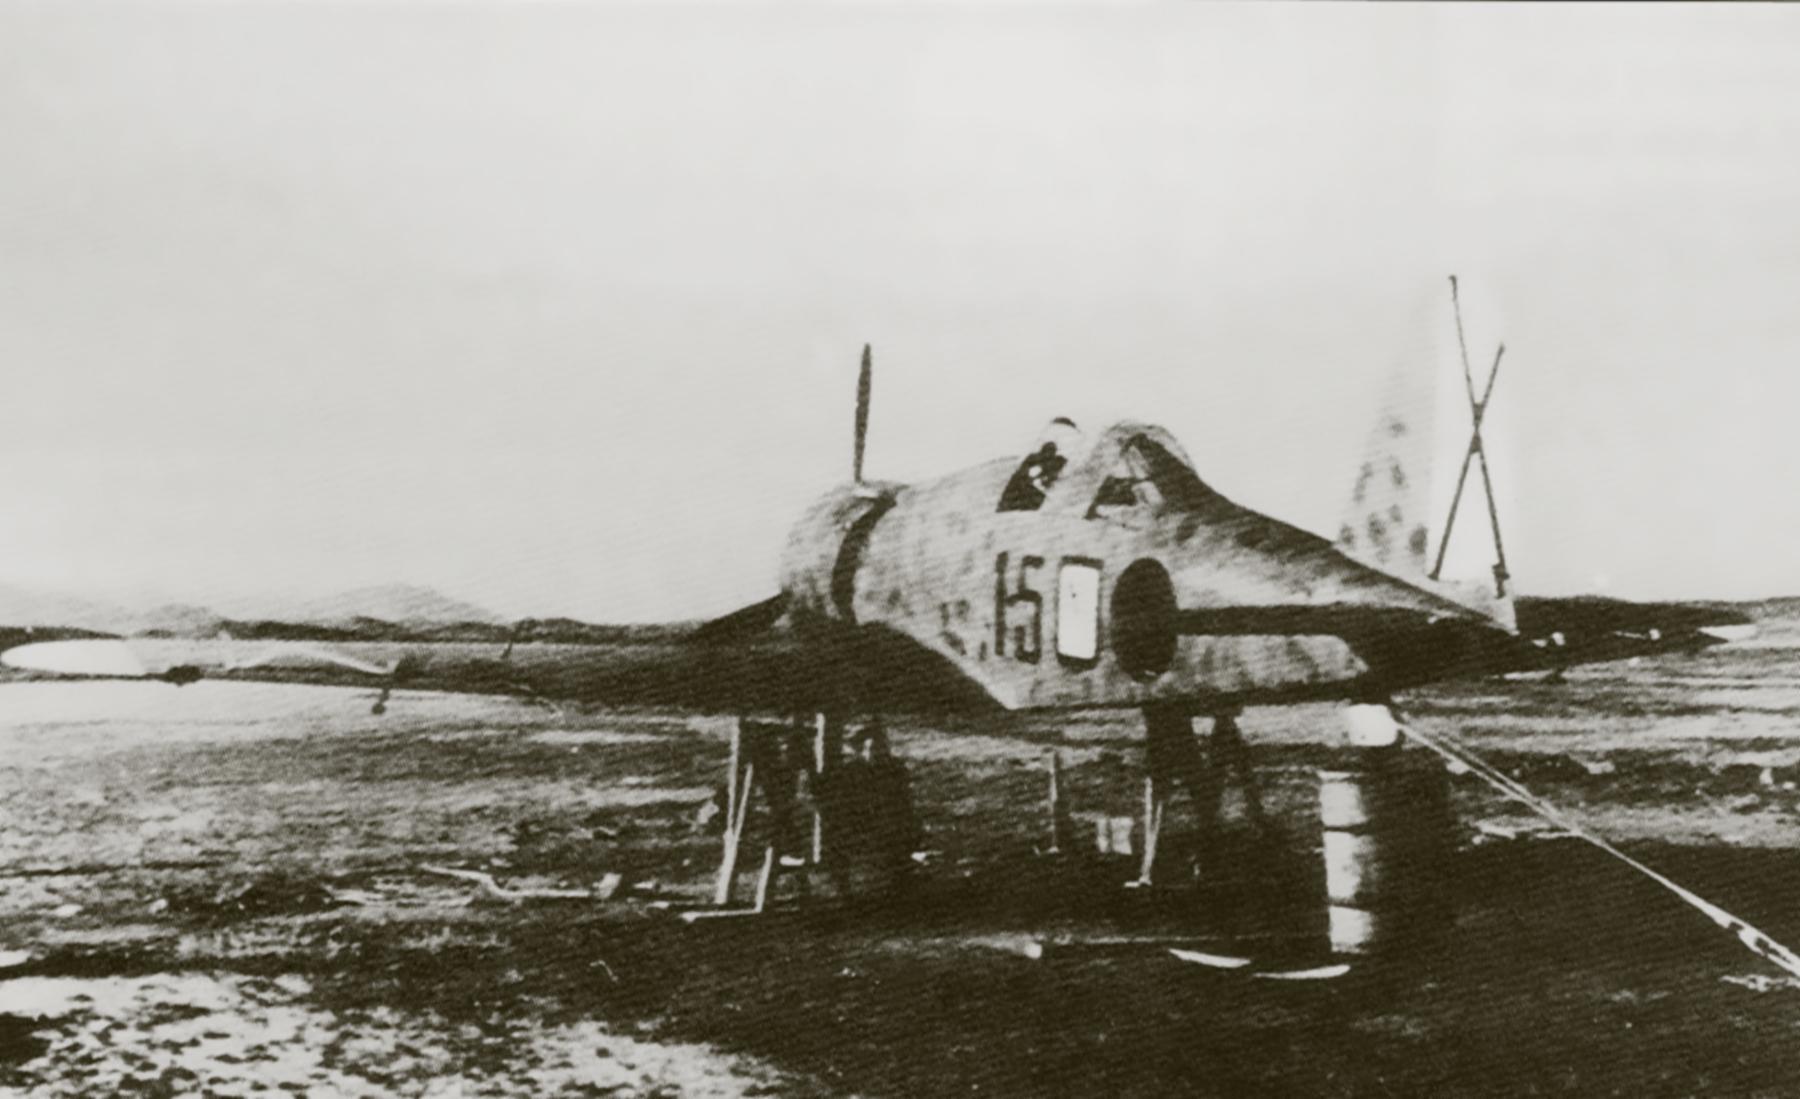 Fiat G50 Aviazione Legionaria 13 Gruppo Caccia 5 Esciona Spain May 1939 01